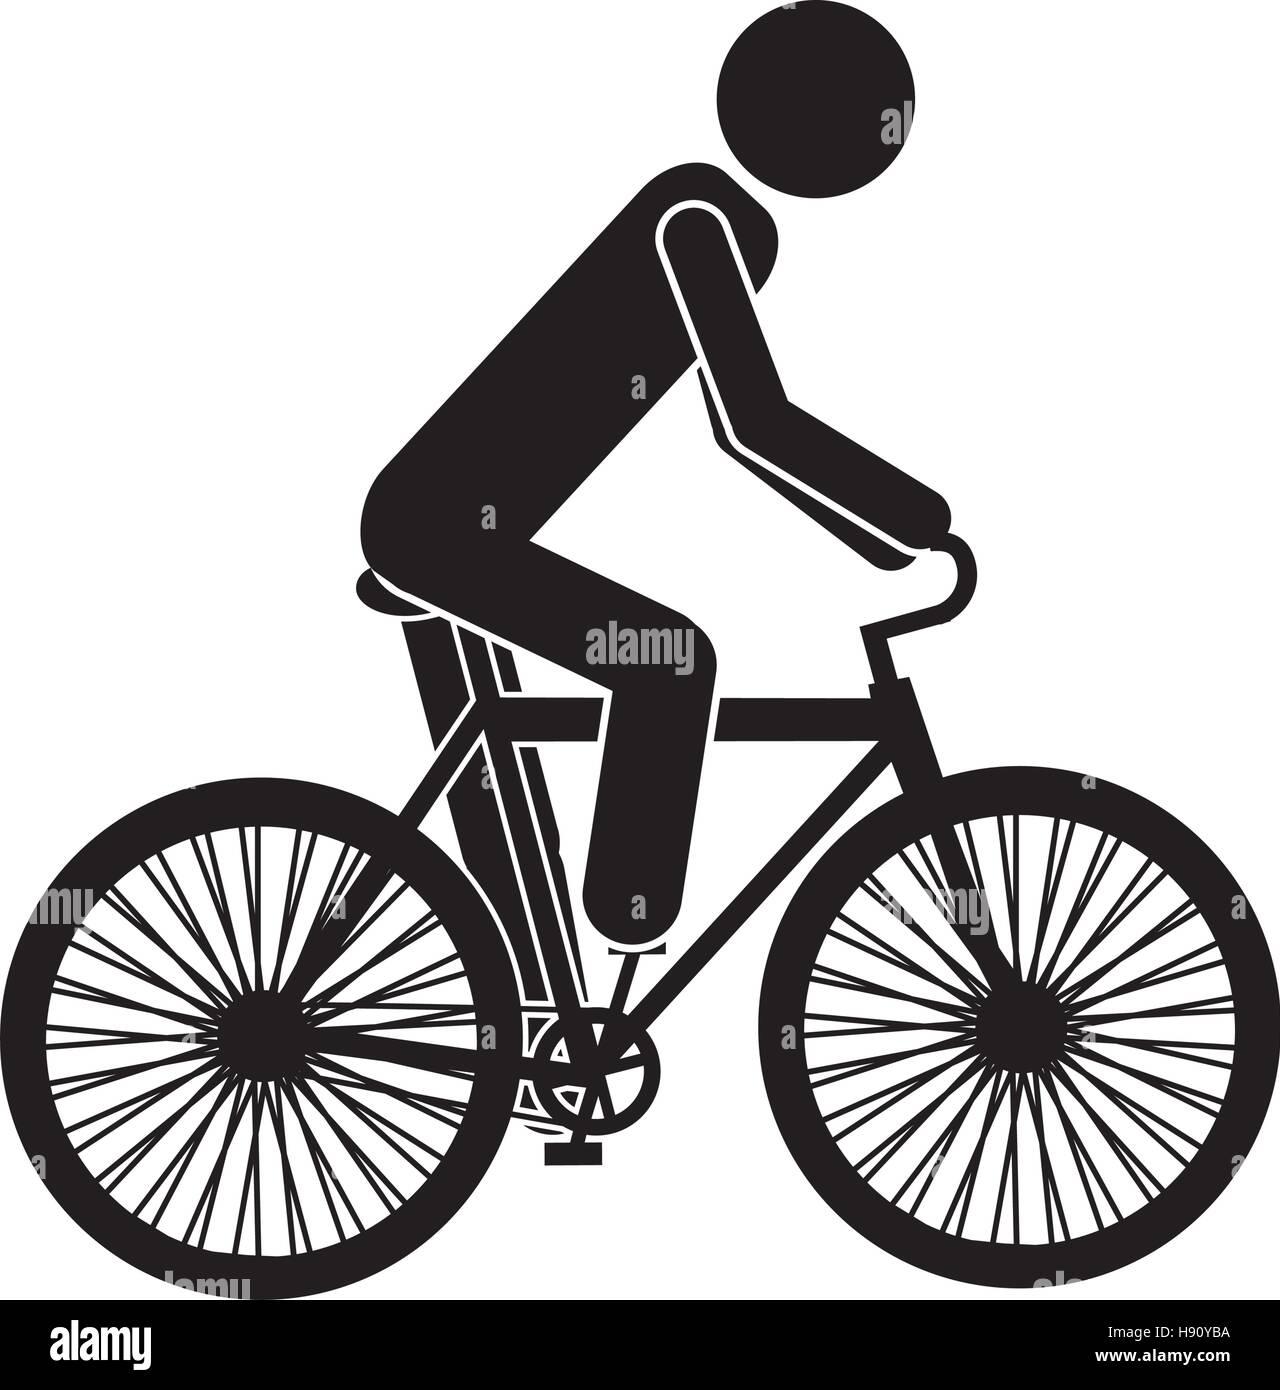 La conception des véhicules vélo isolé Photo Stock